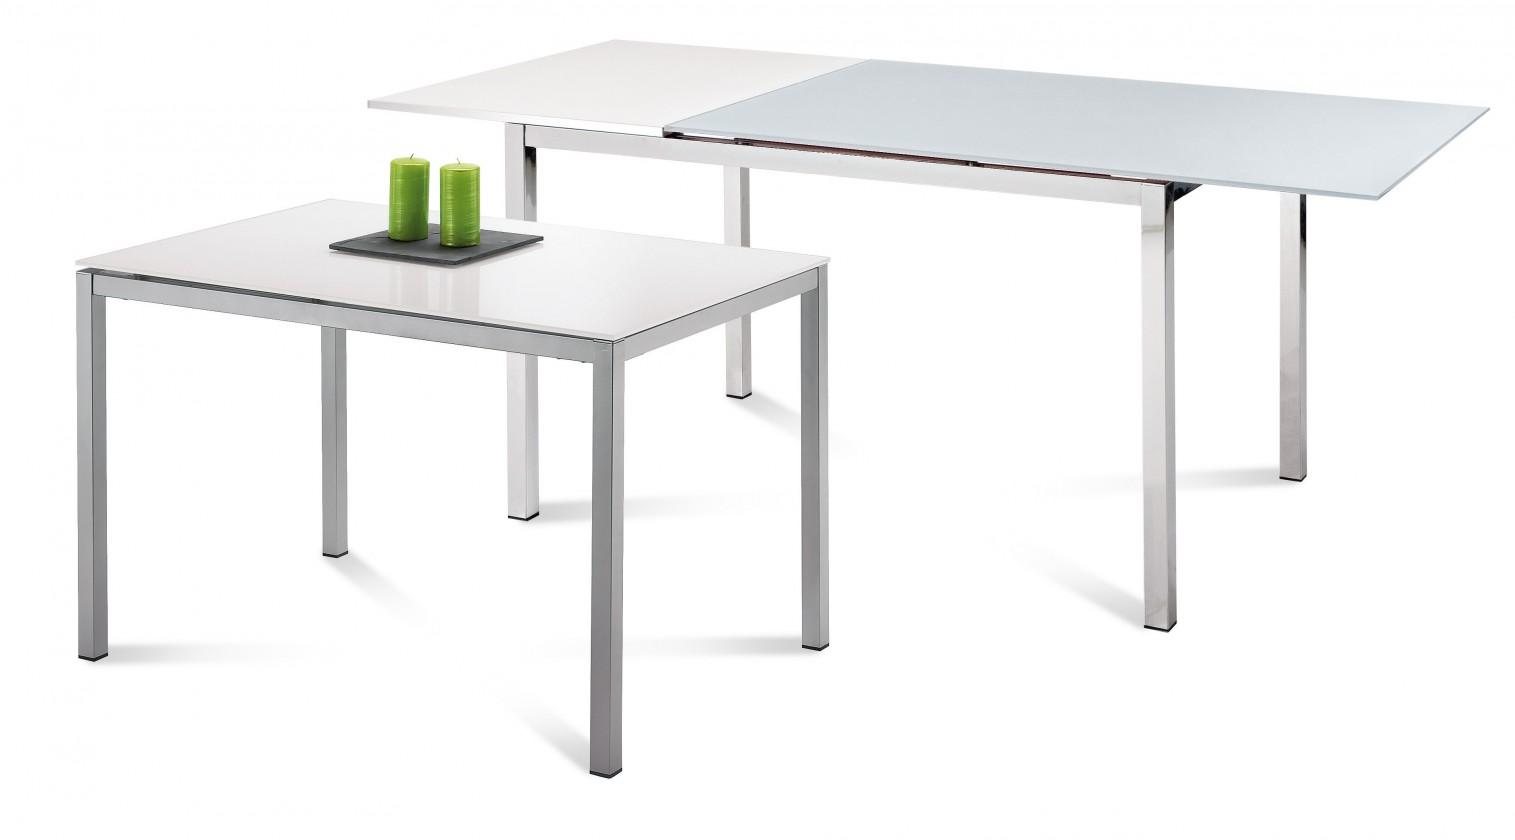 Zlevněné kuchyně, jídelny Full - Jídelní stůl (saténový hliník, bílá matná) - II. jakost